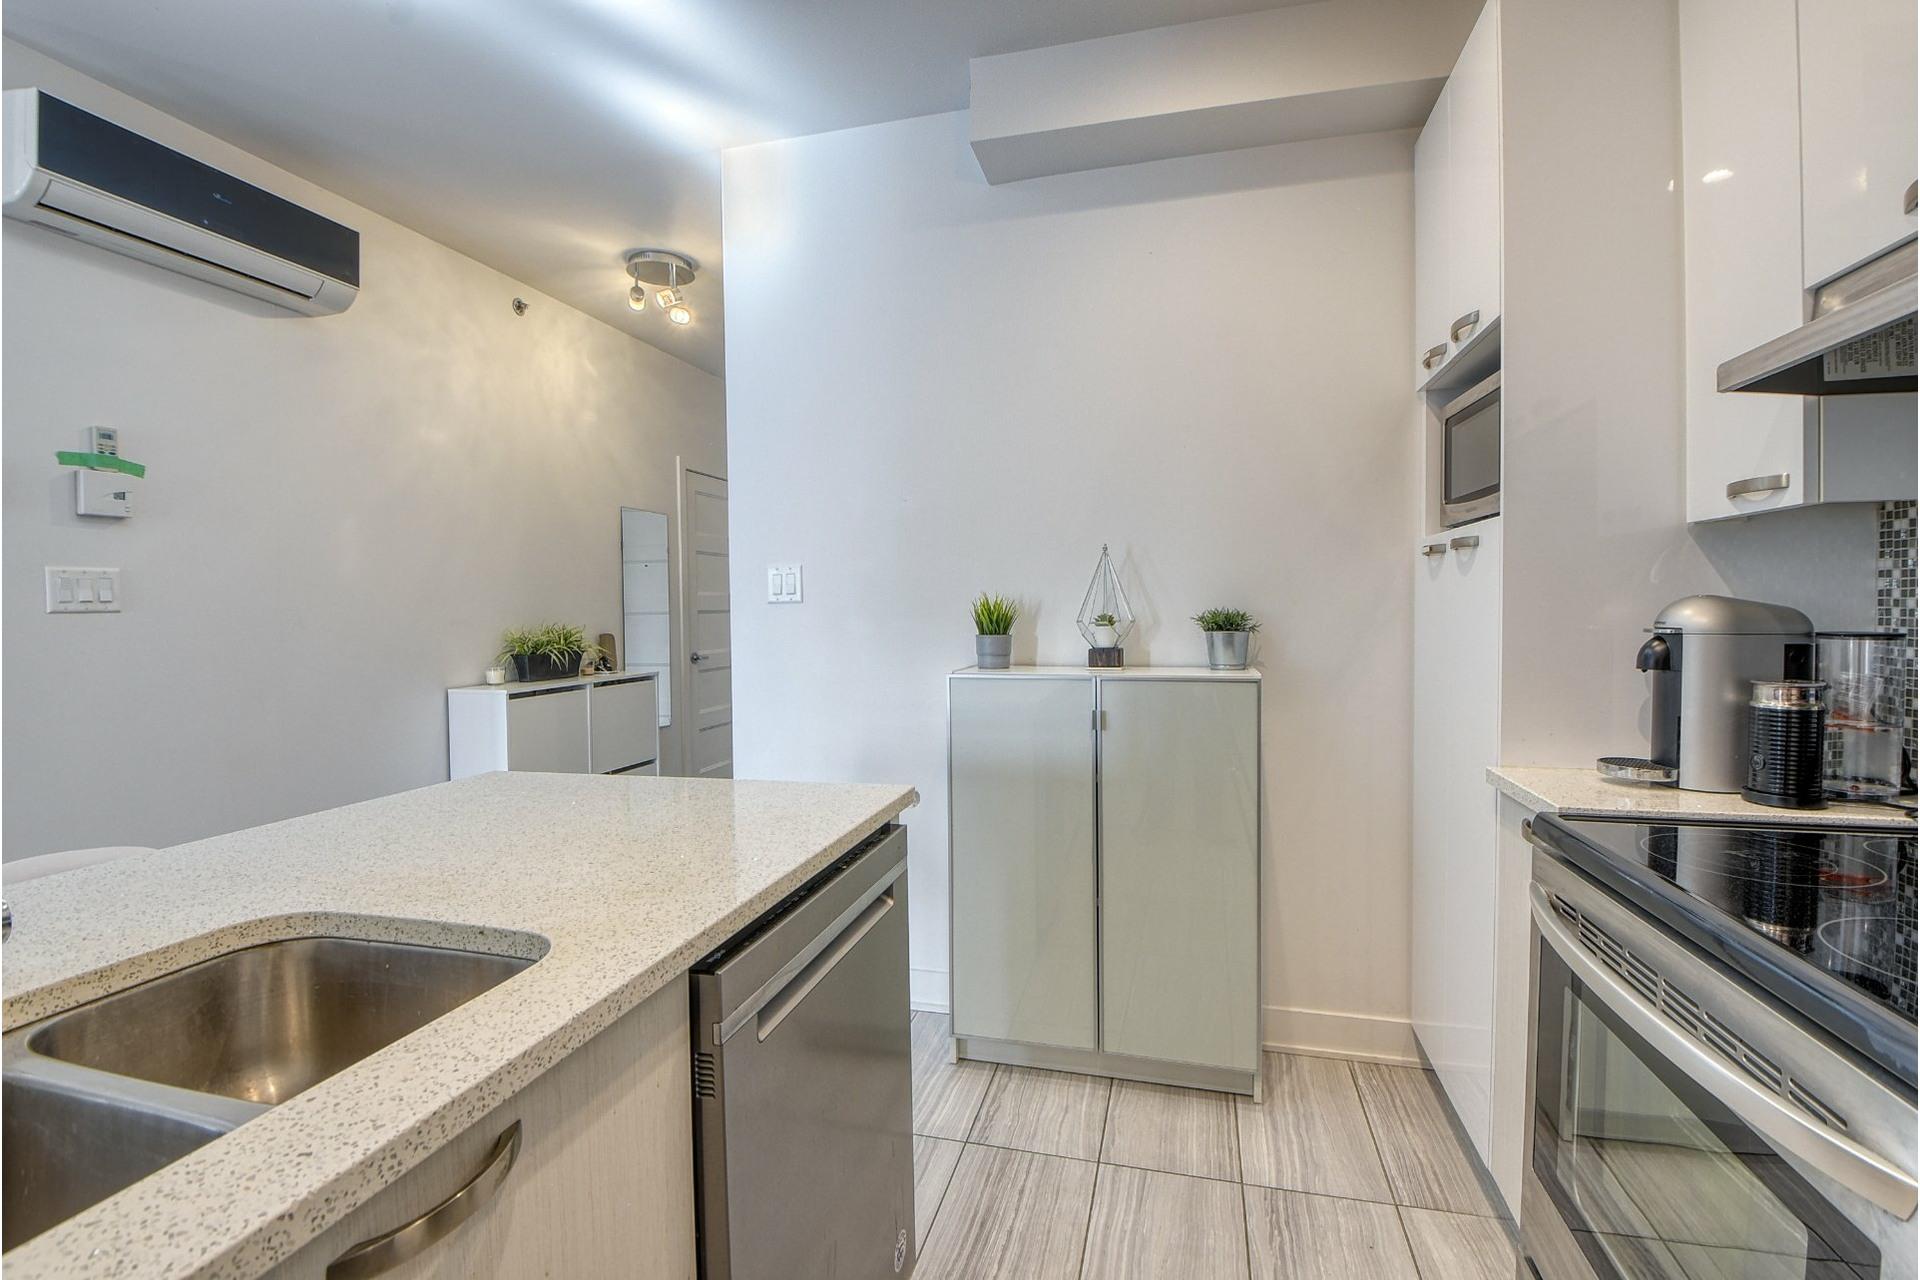 image 9 - Appartement À vendre Le Sud-Ouest Montréal  - 8 pièces